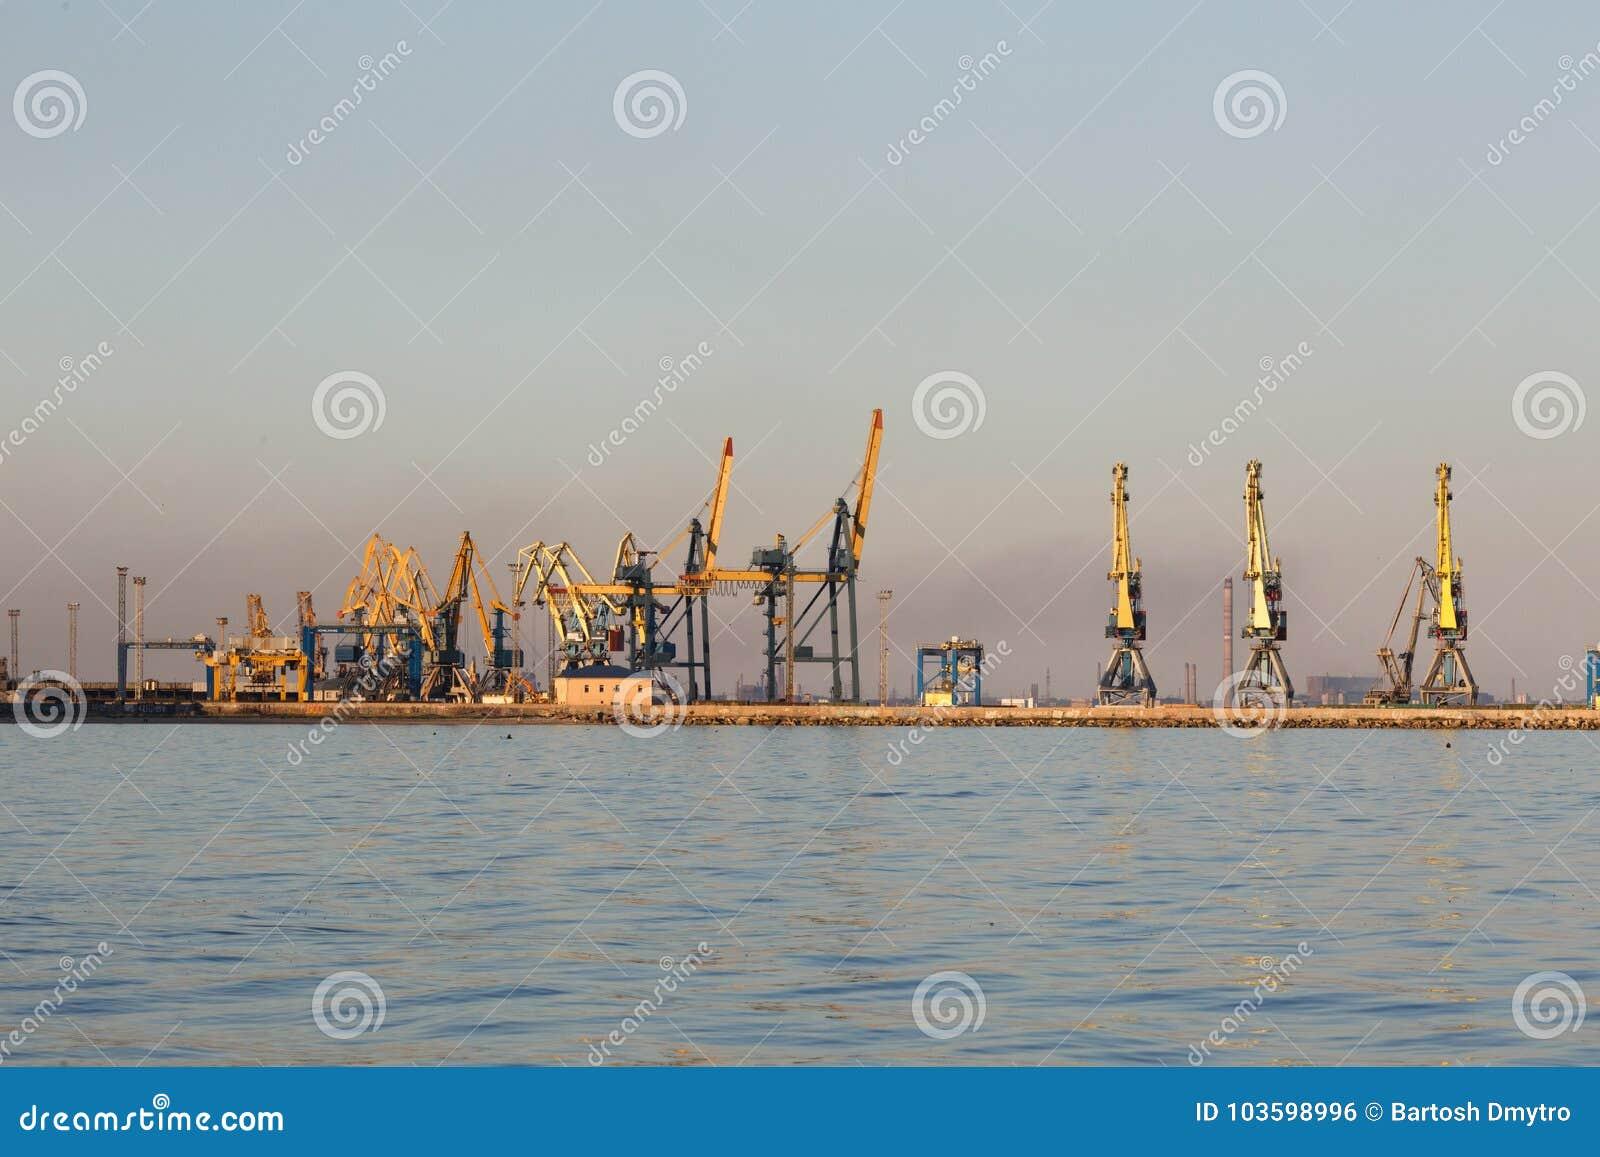 Vele grote kranen silhouetteren in de haven bij gouden licht van zonsondergang Mariupol, de Oekraïne